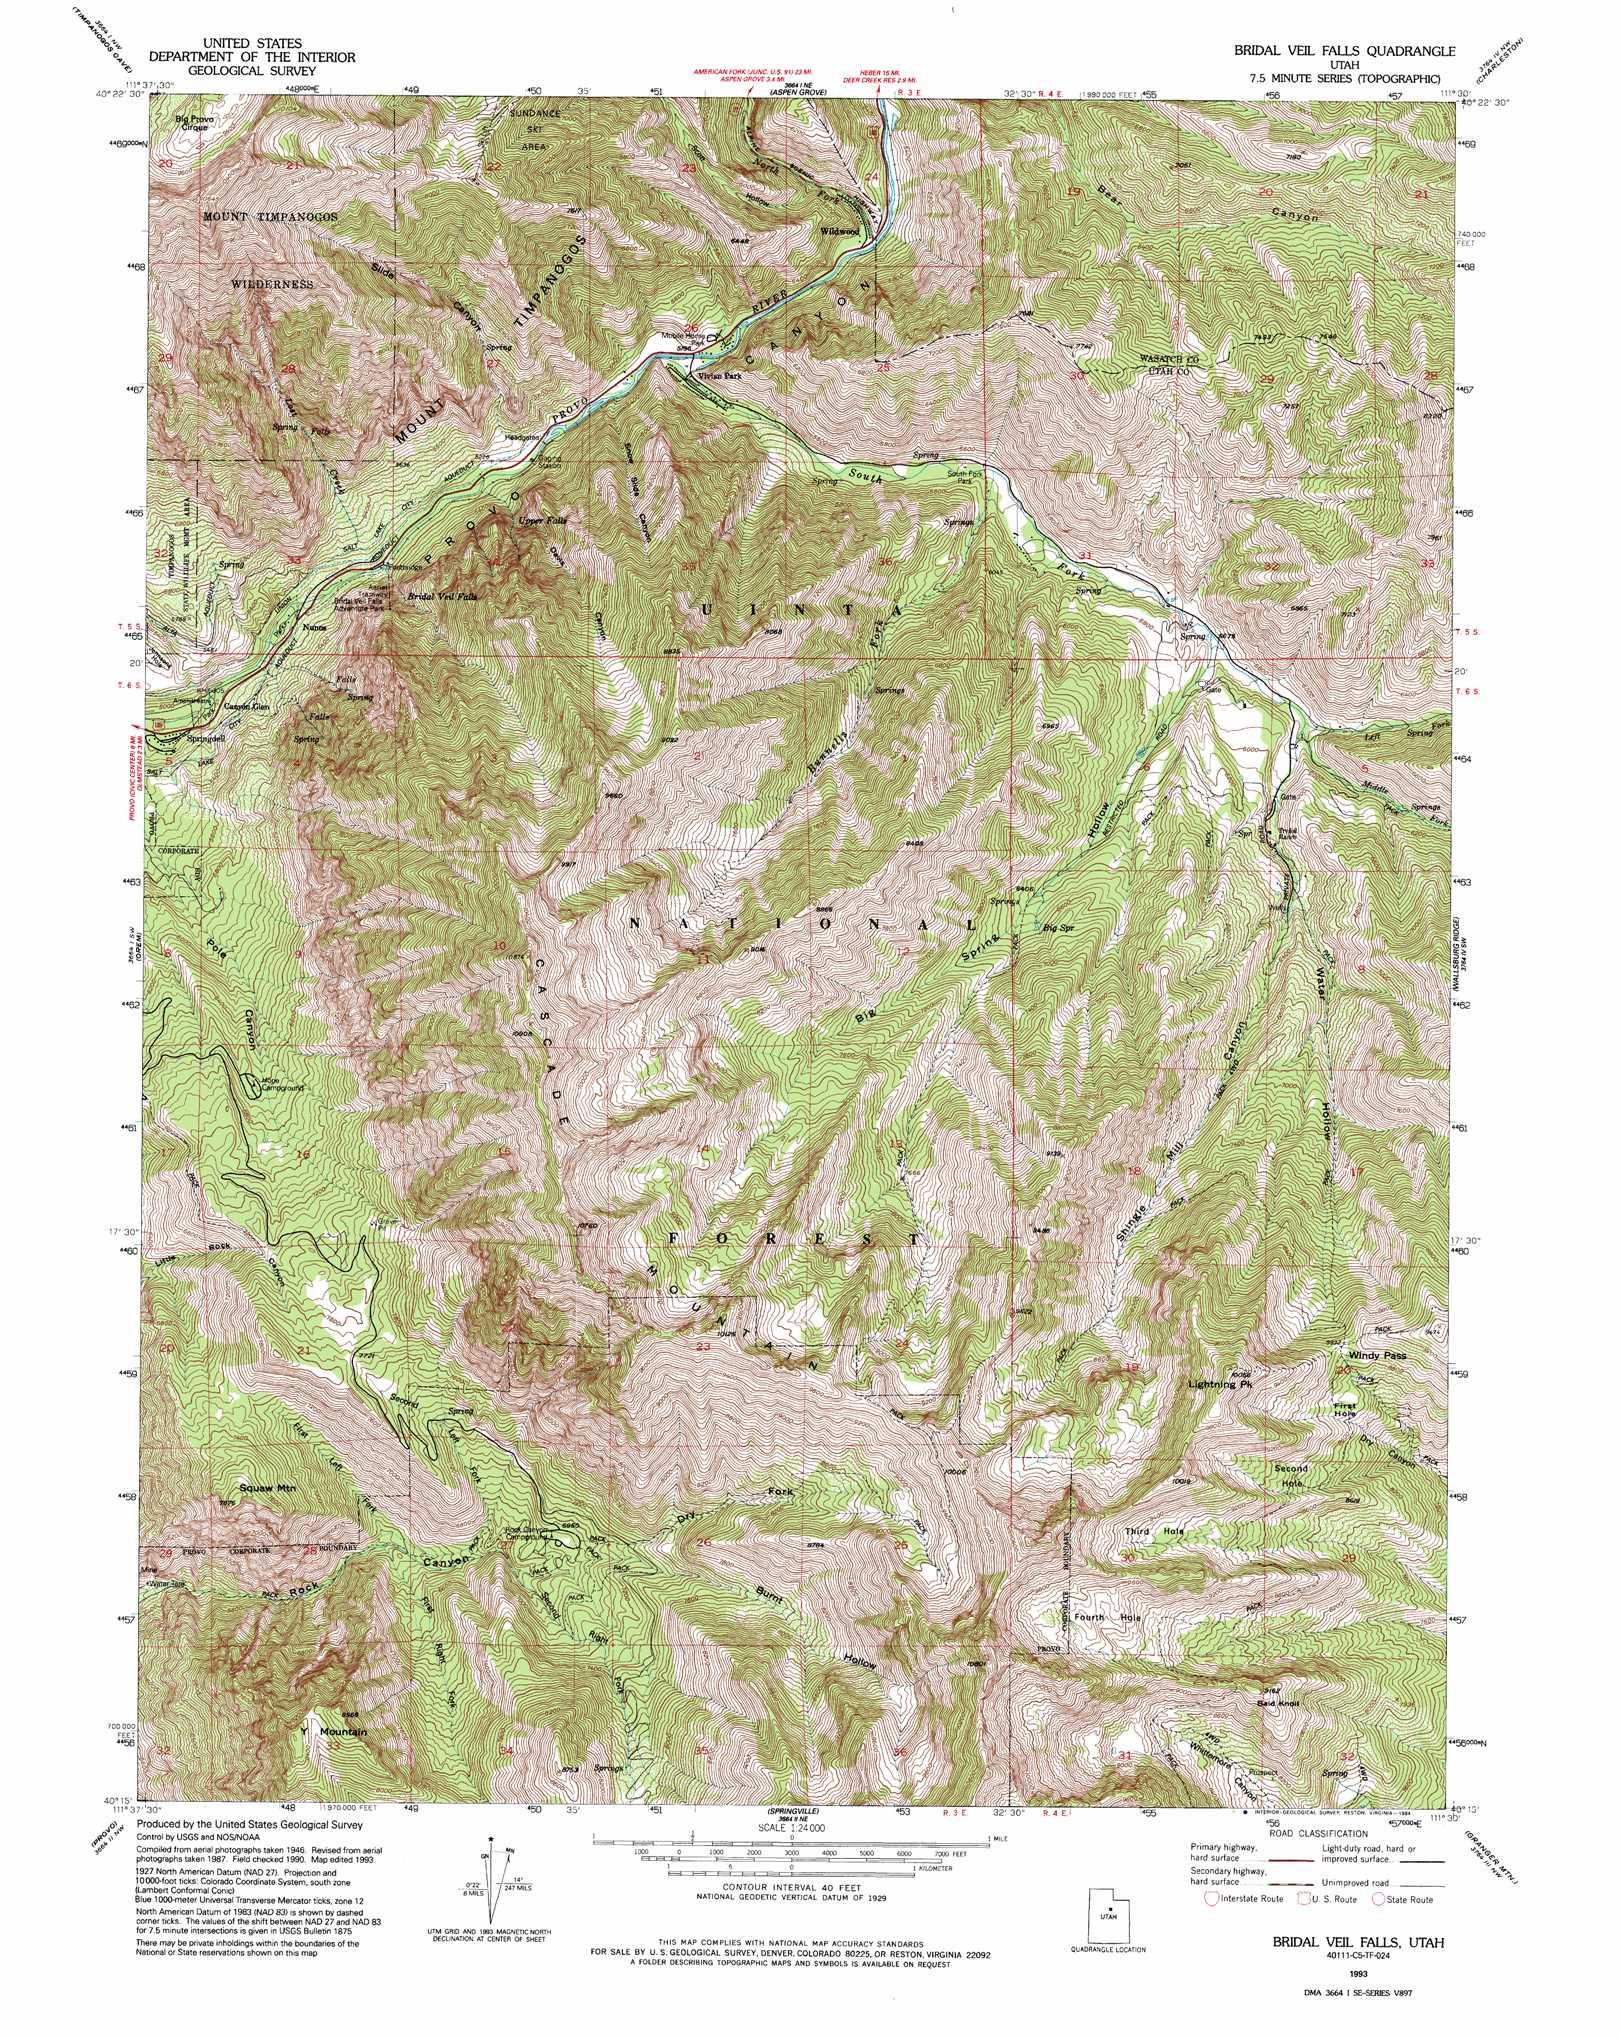 Bridal Veil Falls topographic map UT USGS Topo Quad 40111c5